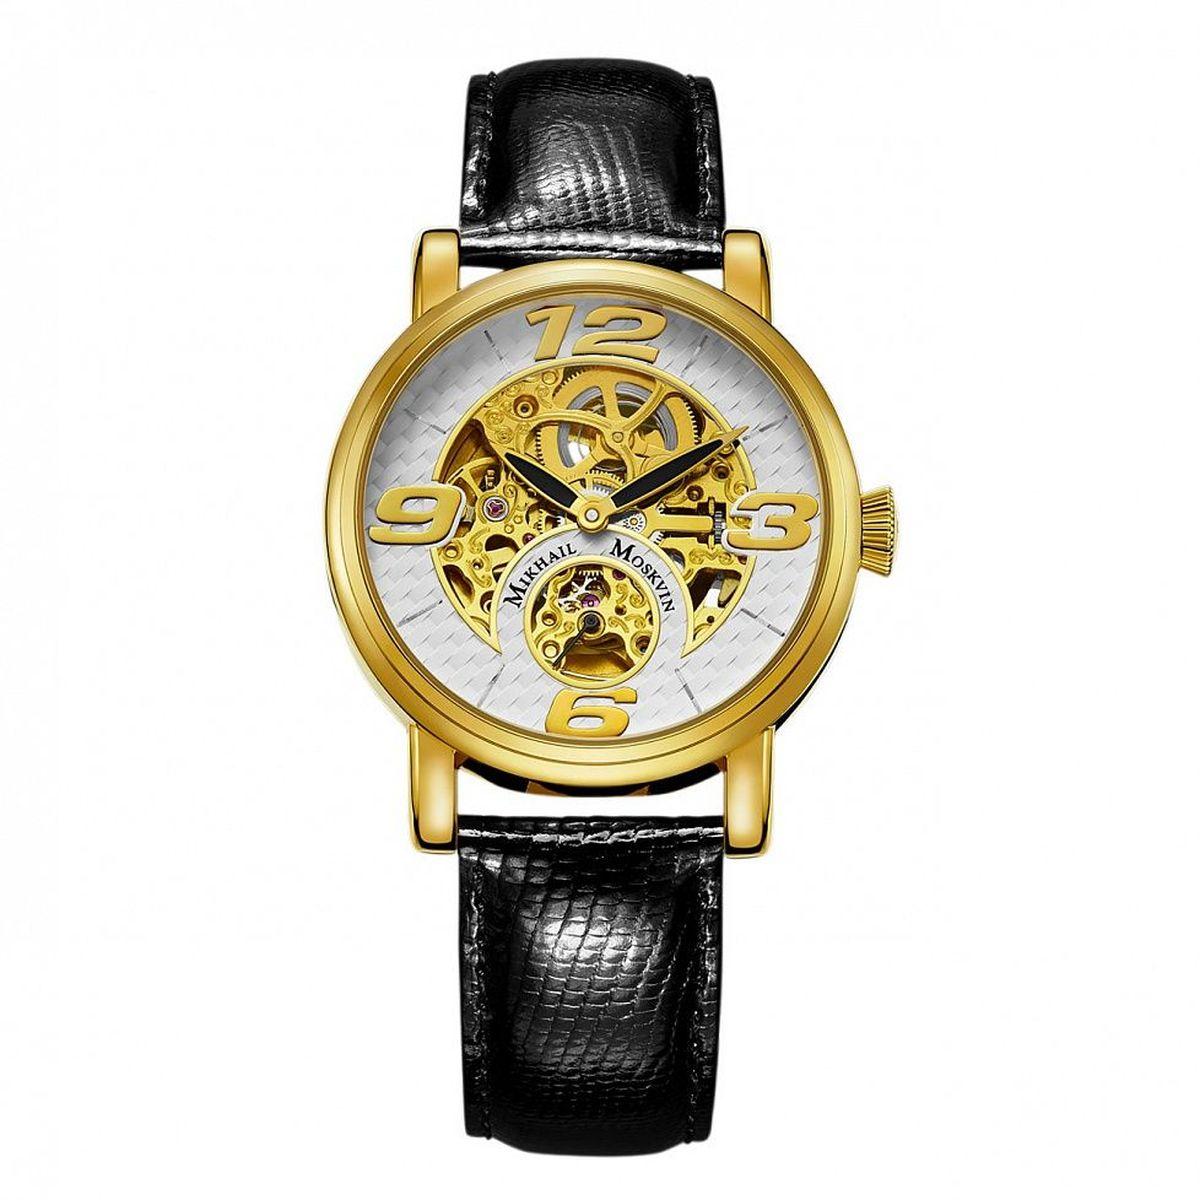 Часы наручные мужские Mikhail Moskvin Премьер, цвет: золотой, черный. 1233A2L21233A2L2Наручные кварцевые часы Mikhail Moskvin выполнены из высококачественных материалов. Корпус выполнен из высококачественного металла с напылением из золота. Ремешок, выполненный из натуральной кожи, застегивается с помощью пряжки. Часы оснащены минеральным, устойчивым к царапинам, стеклом с сапфировым напылением и задней крышкой из гипоаллергенной нержавеющей стали.